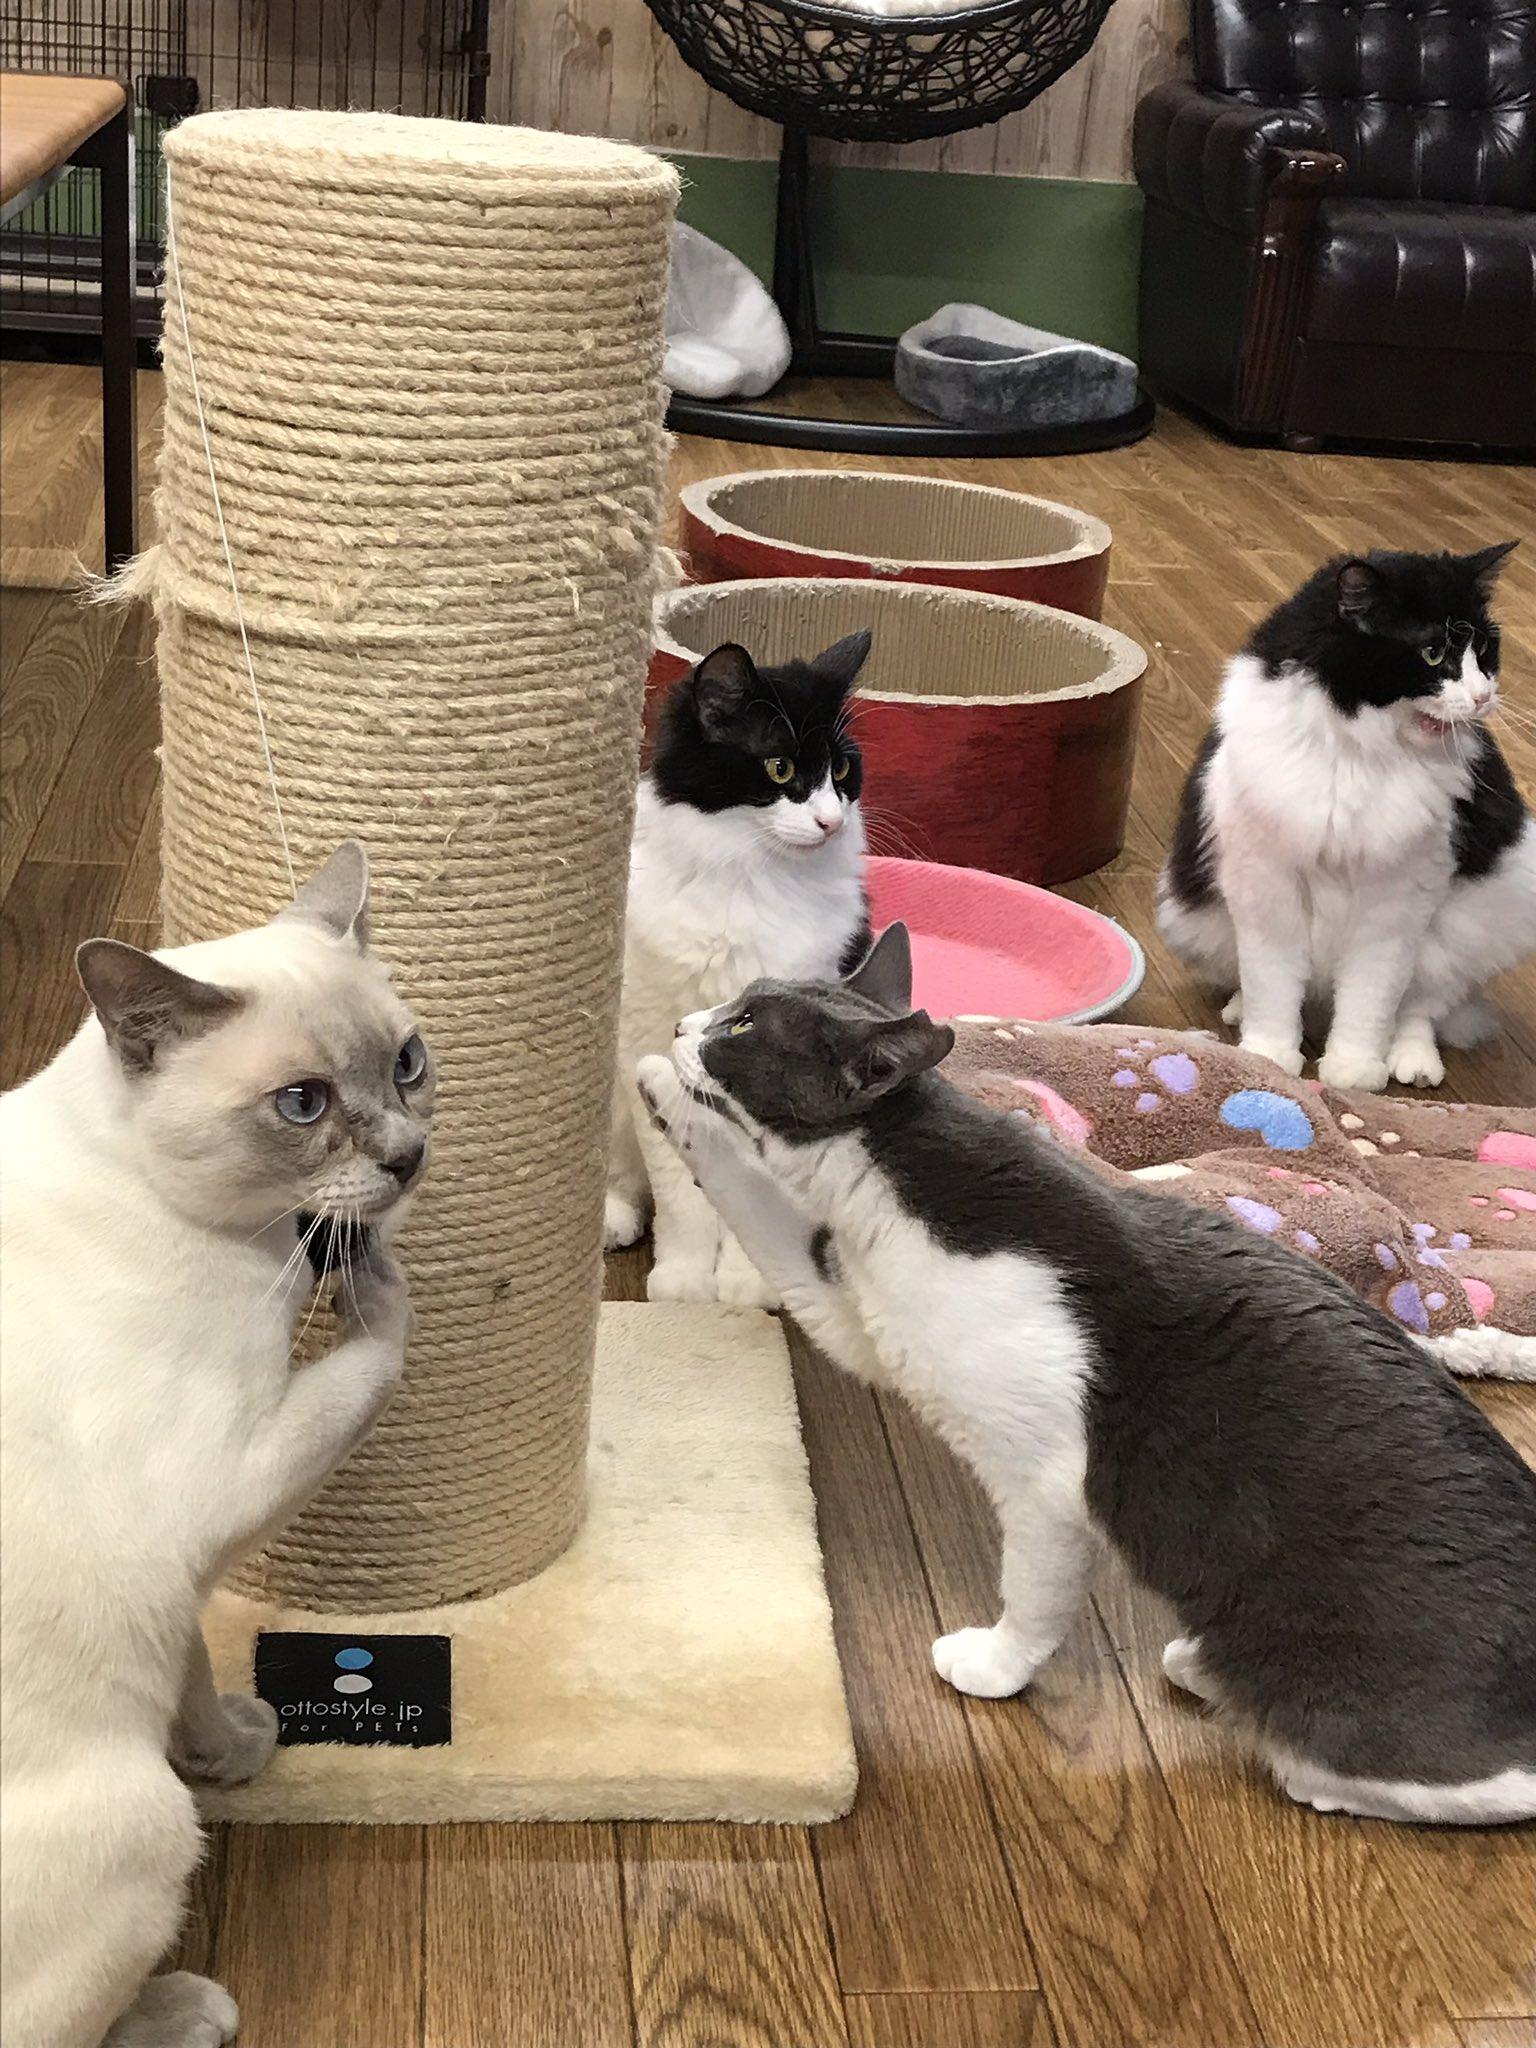 保護猫カフェGOMAが7月末をもって閉店となります。今居る12匹の猫達の里親さんを探す為、情報発信をしていきます。一匹でも多くの子にずっとのお家が見つかるように、皆さまどうぞ宜しくお願い致します。